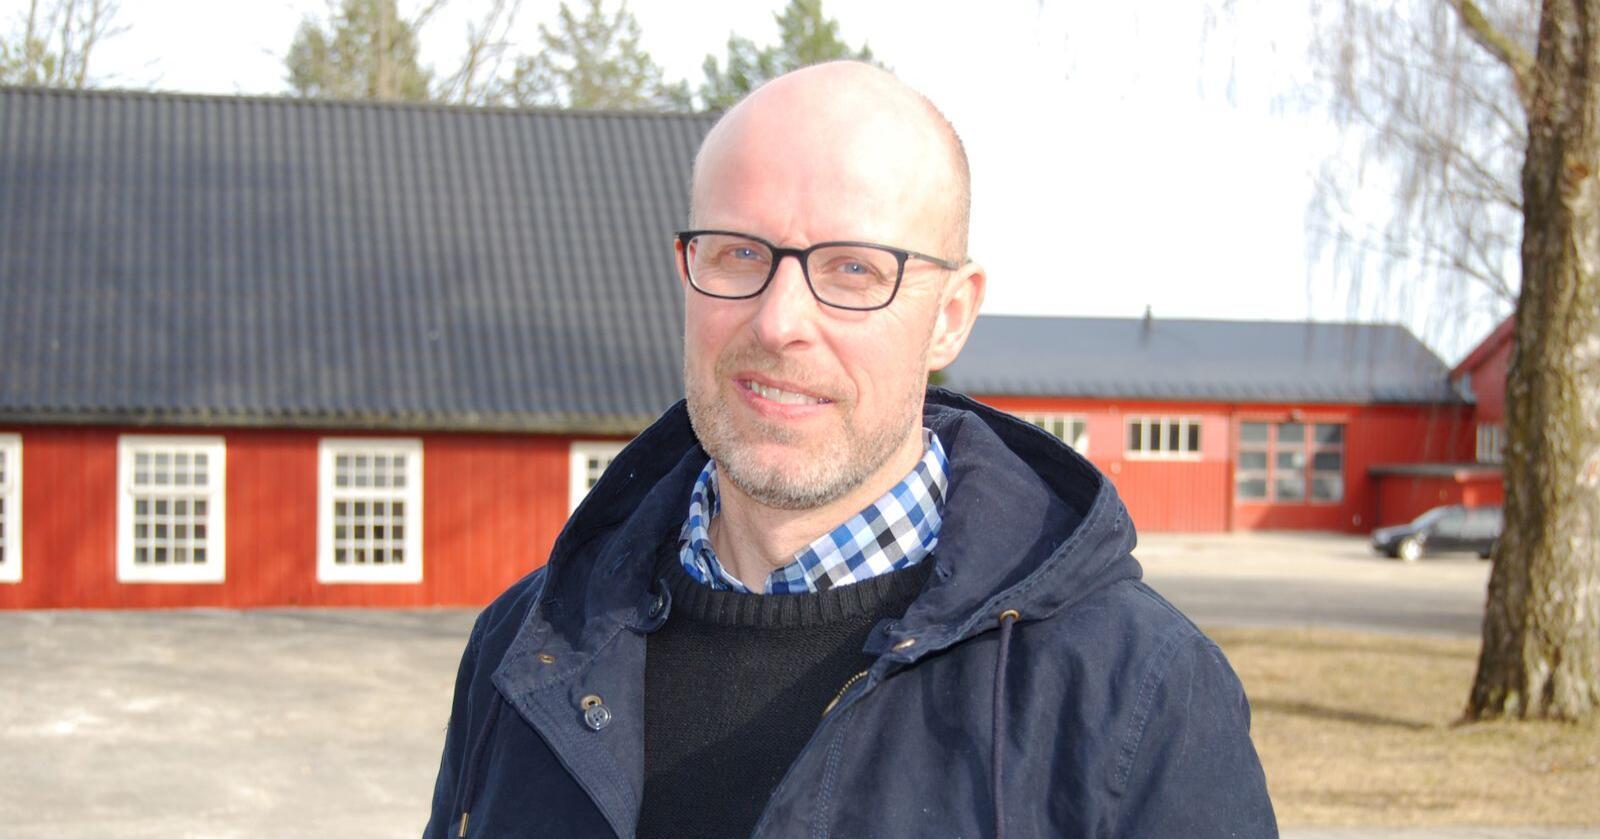 Tollvernet for norske landbruksprodukter lekker allerede som en sil, med økende import på nær sagt alle produktområder, skriver Erling Aas-Eng. Foto: Privat